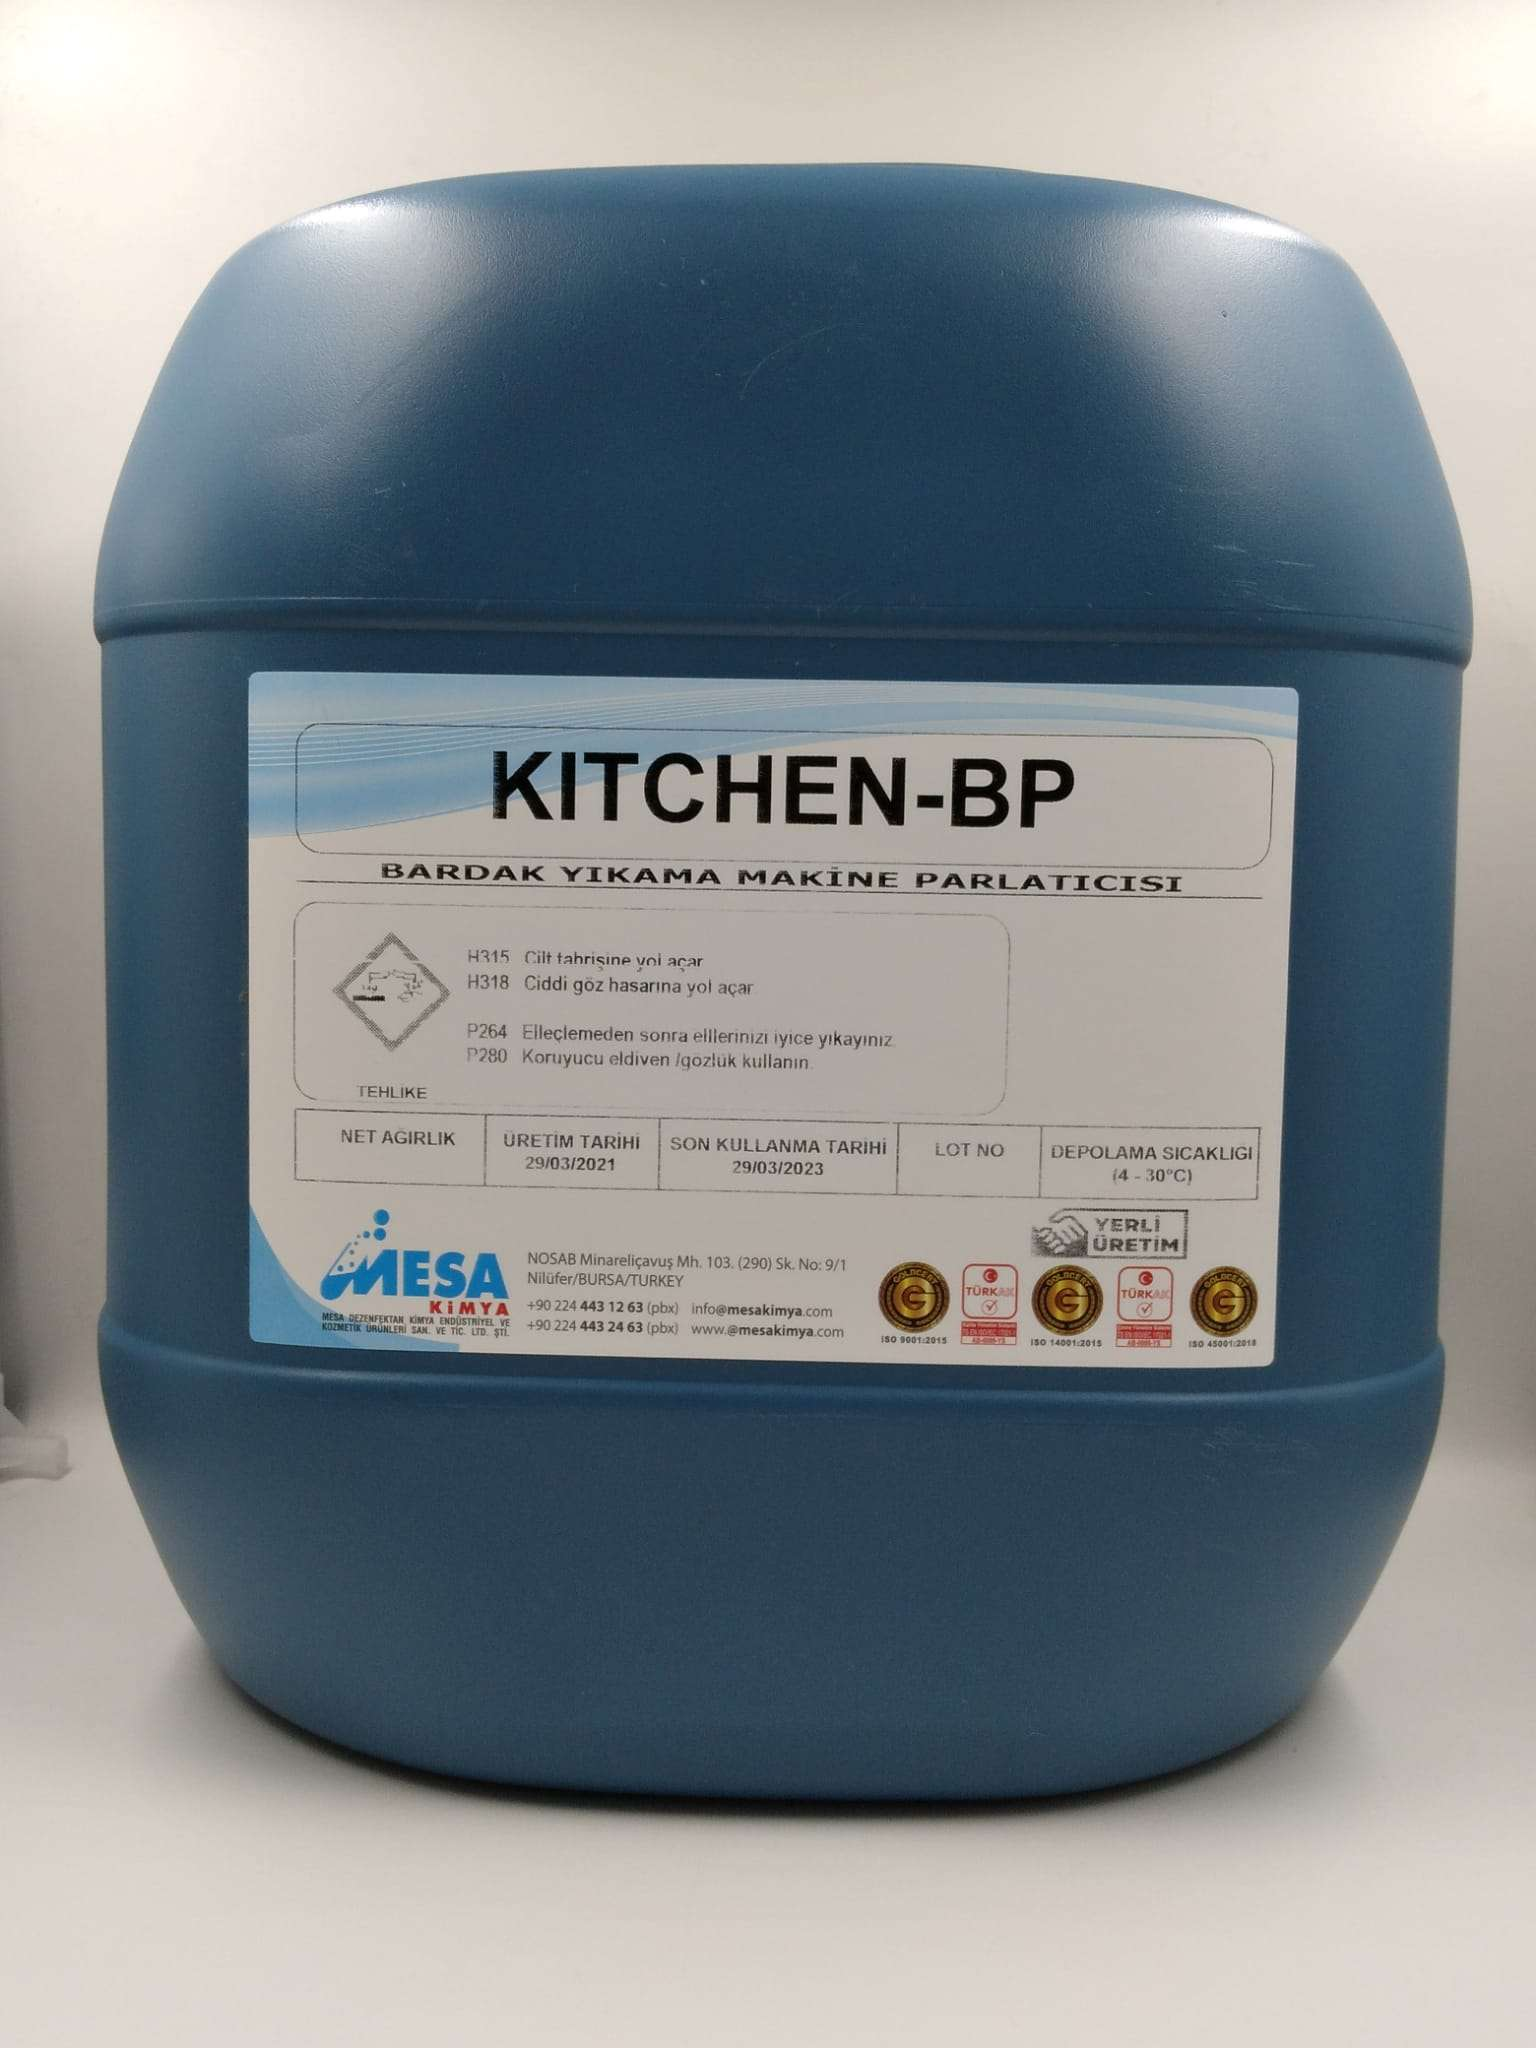 Bardak yıkama makine parlatıcı Kitchen-BP